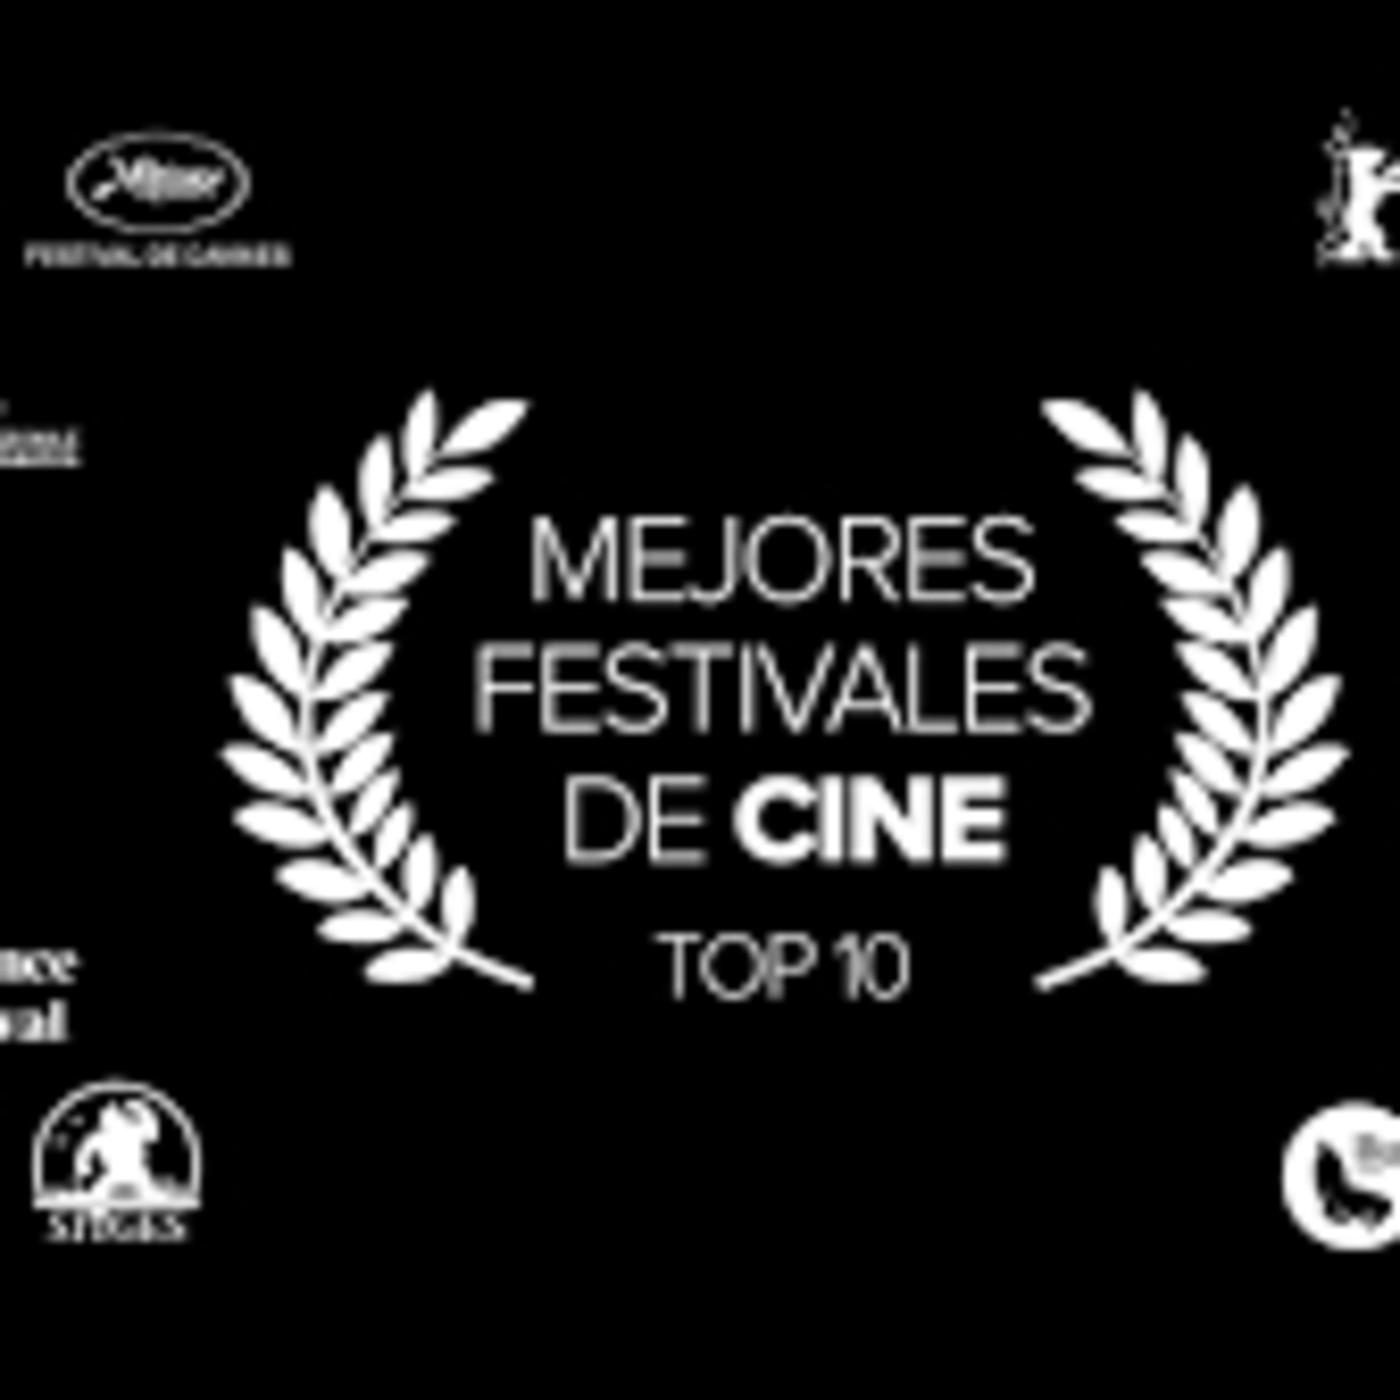 Los festivales de cine en tiempos de crisis